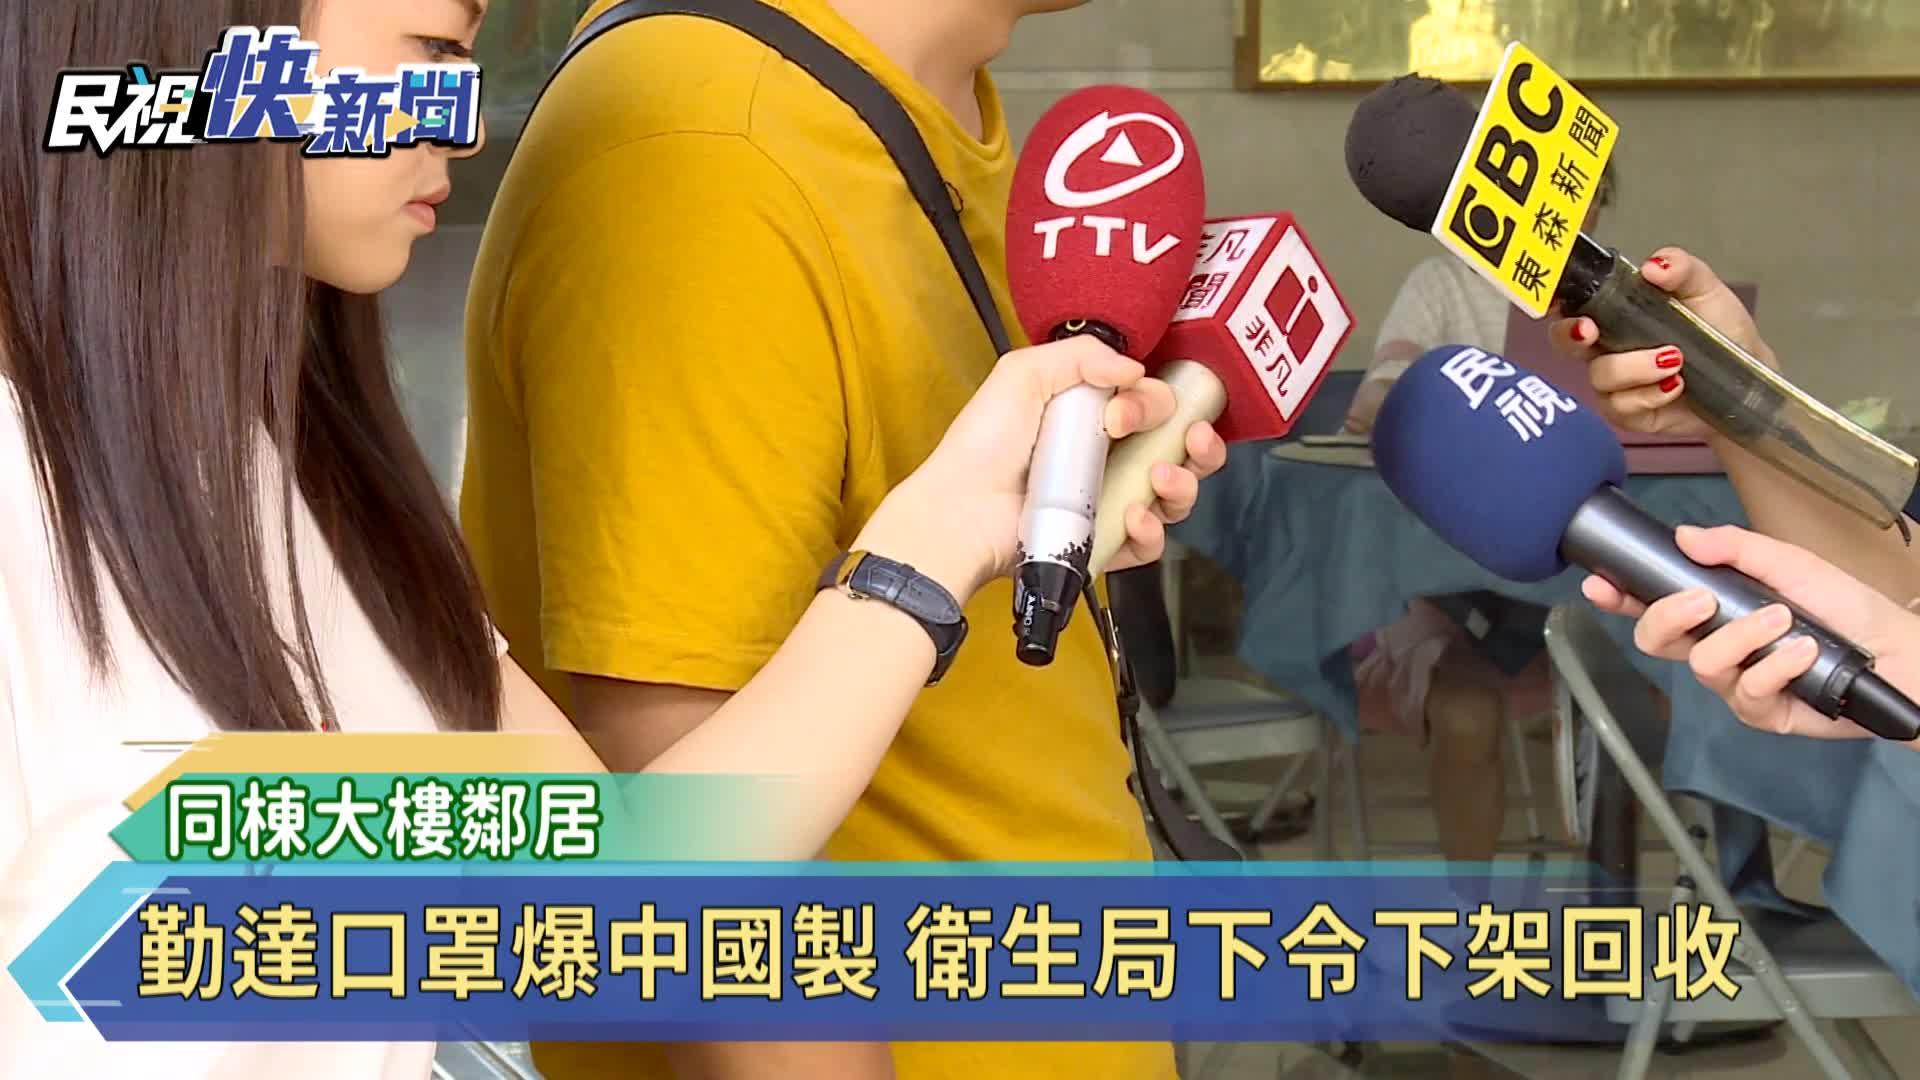 勤達口罩爆中國製 衛生局下令下架回收